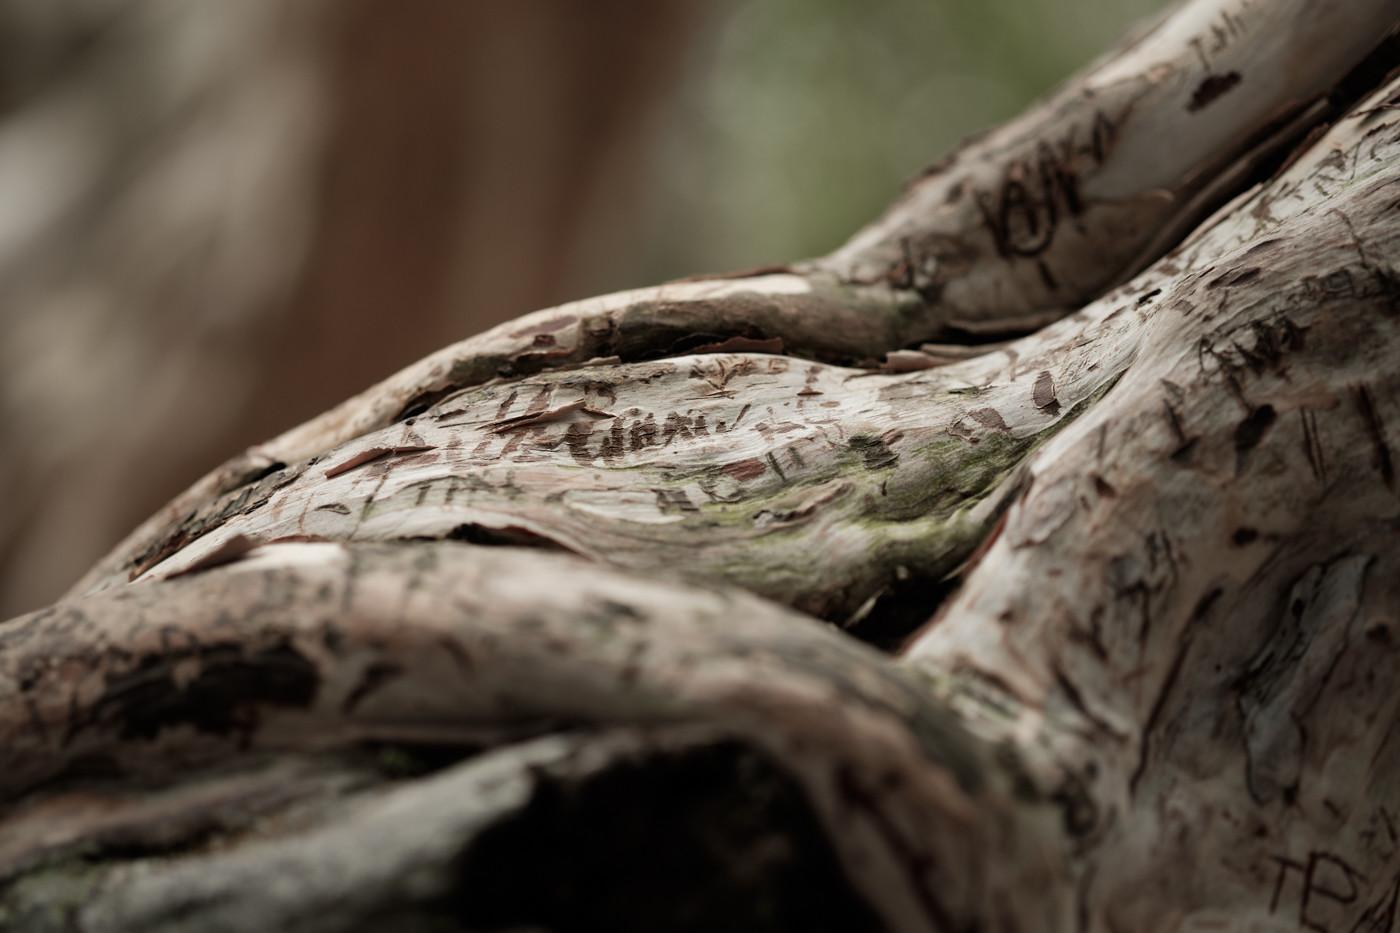 xf60mm f2.4 r macroの作例 レビュー 解像力 シンガポール 枯れ木